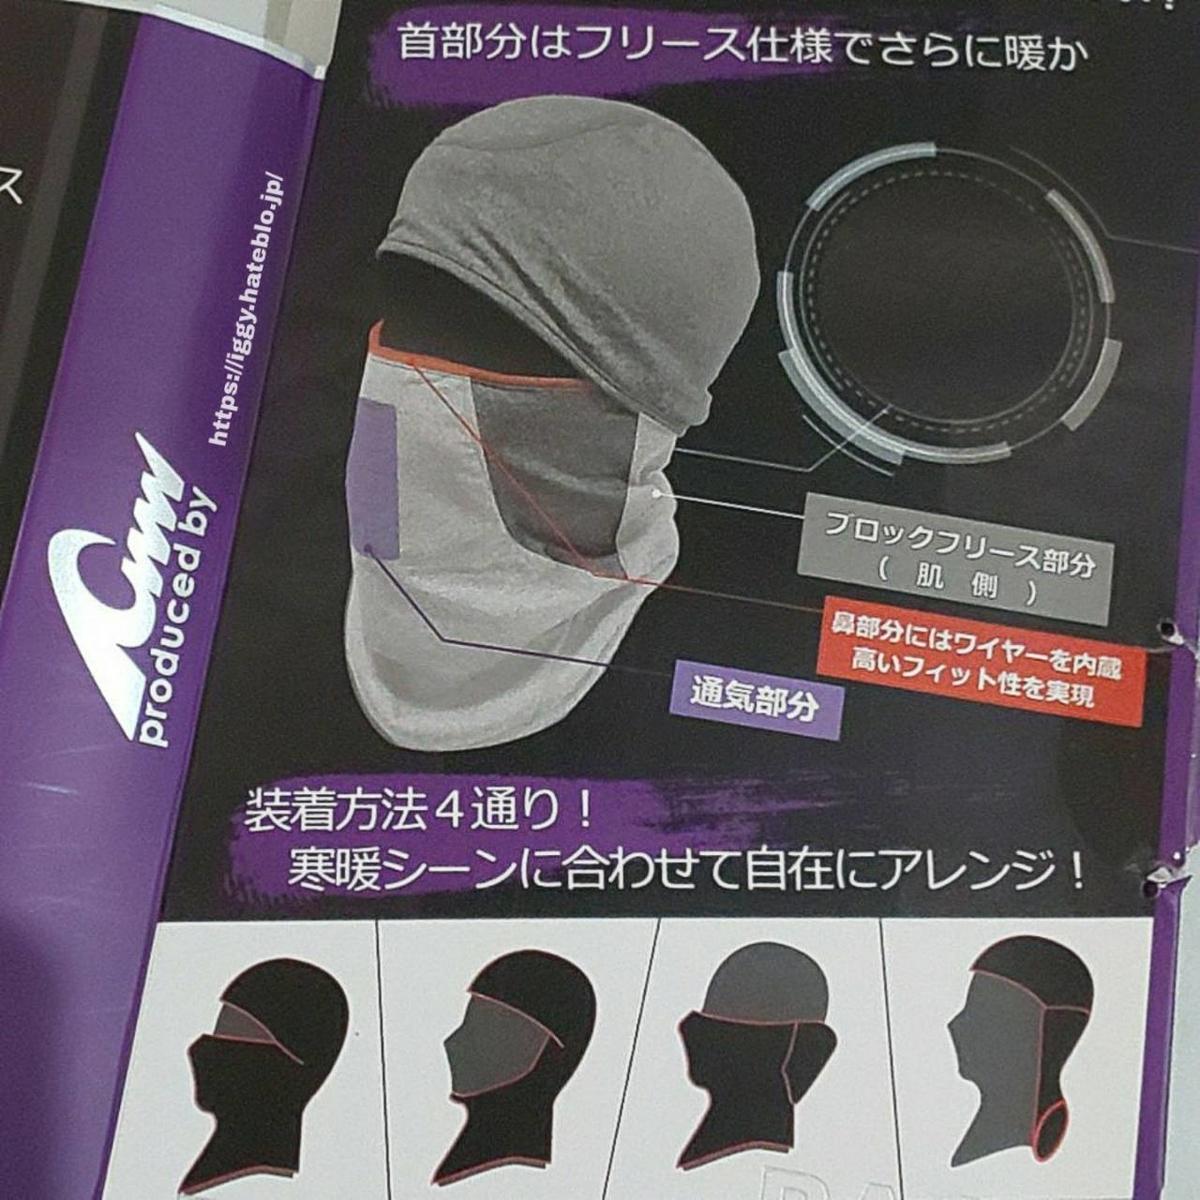 ワークマン フェイスマスク② iggy2019